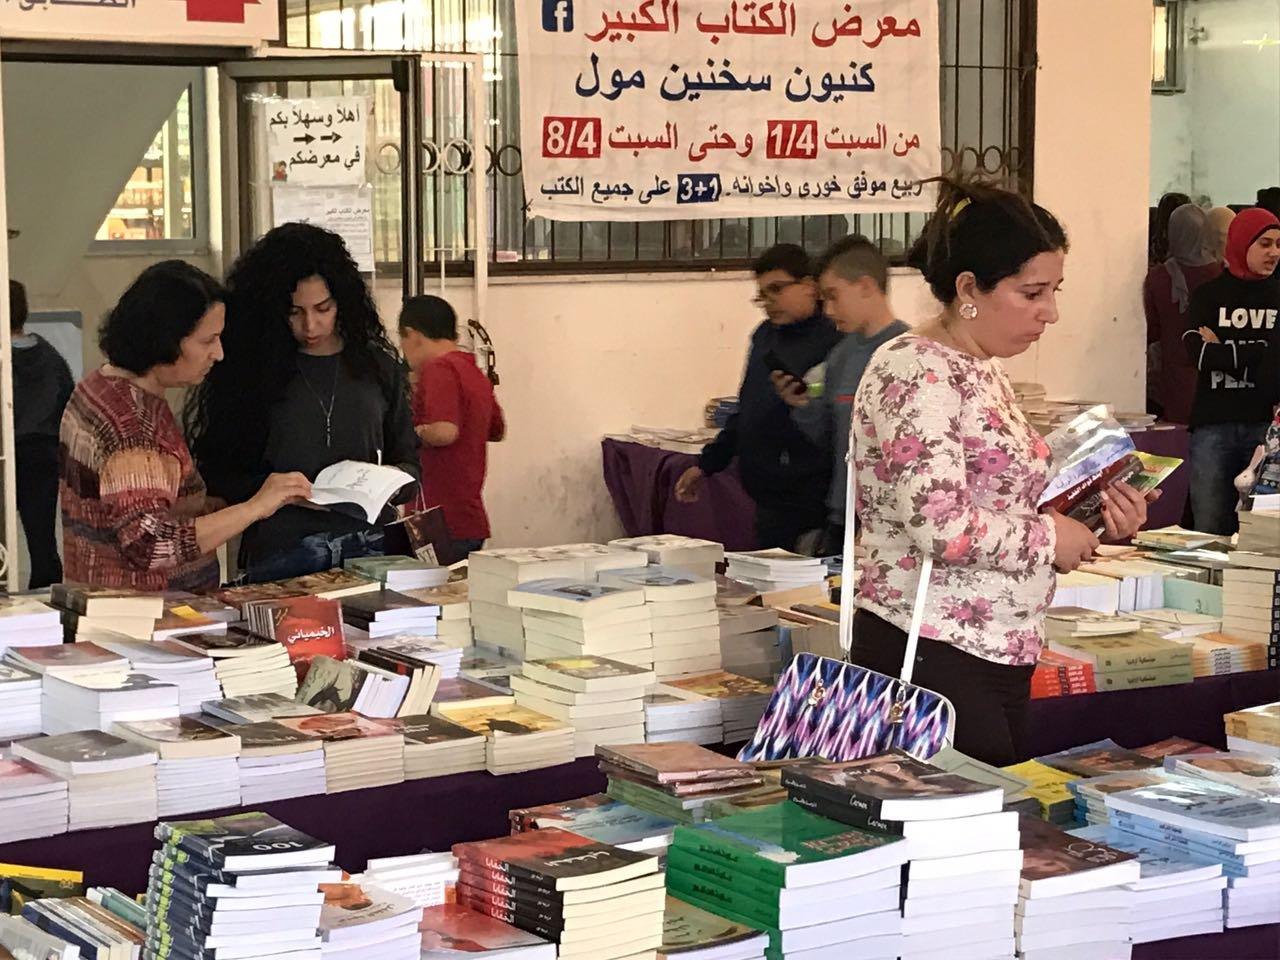 بعد النجاح الكبير تمديد معرض الكتاب في سخنين مول حتى السبت 22/4.